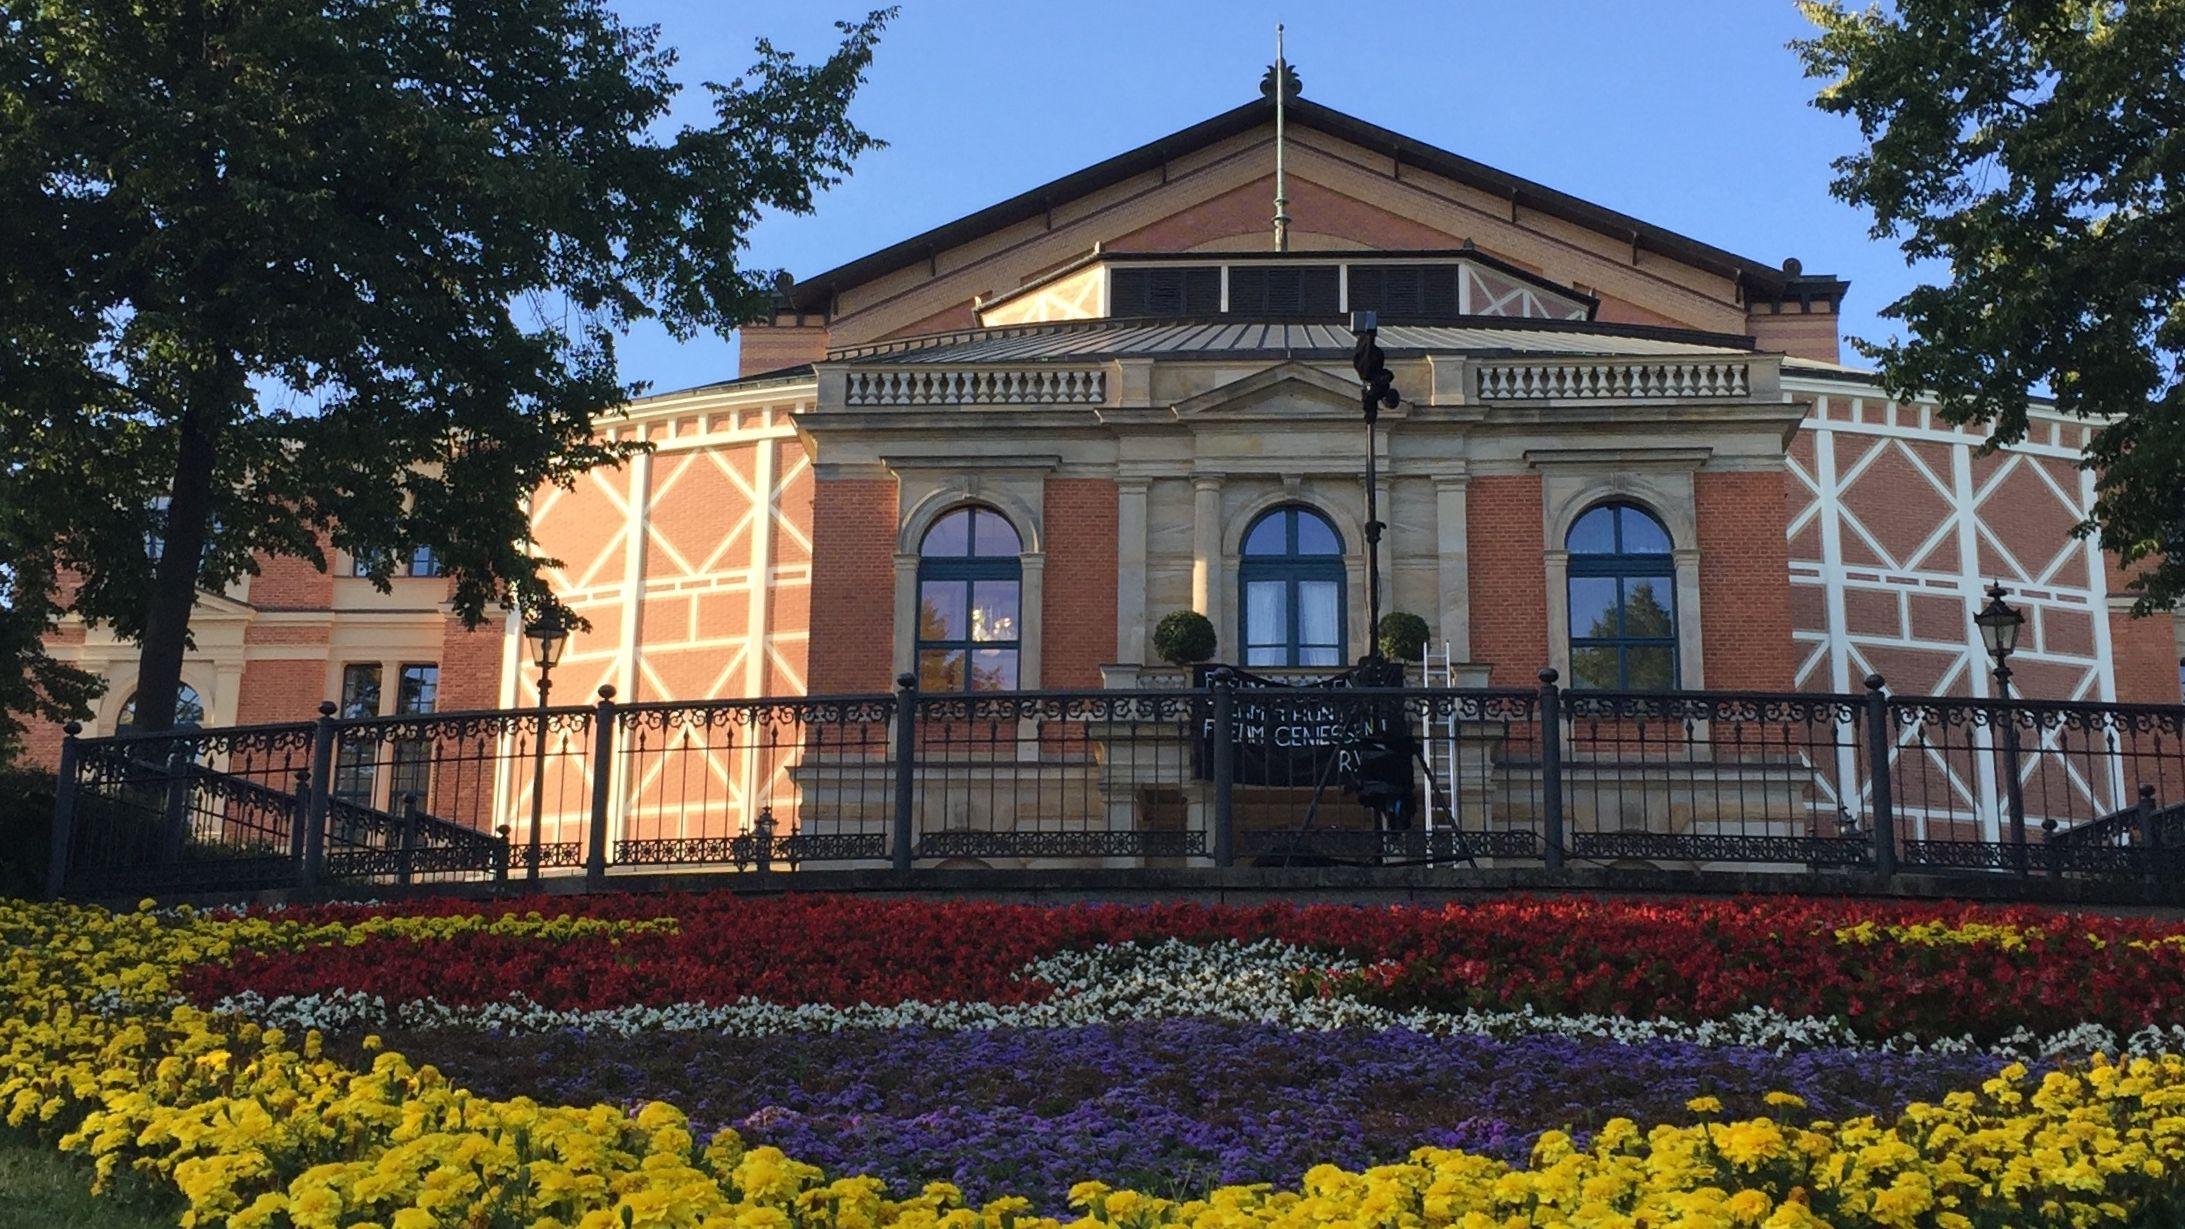 Festspielhaus in Bayreuth mit Blumenbeet davor